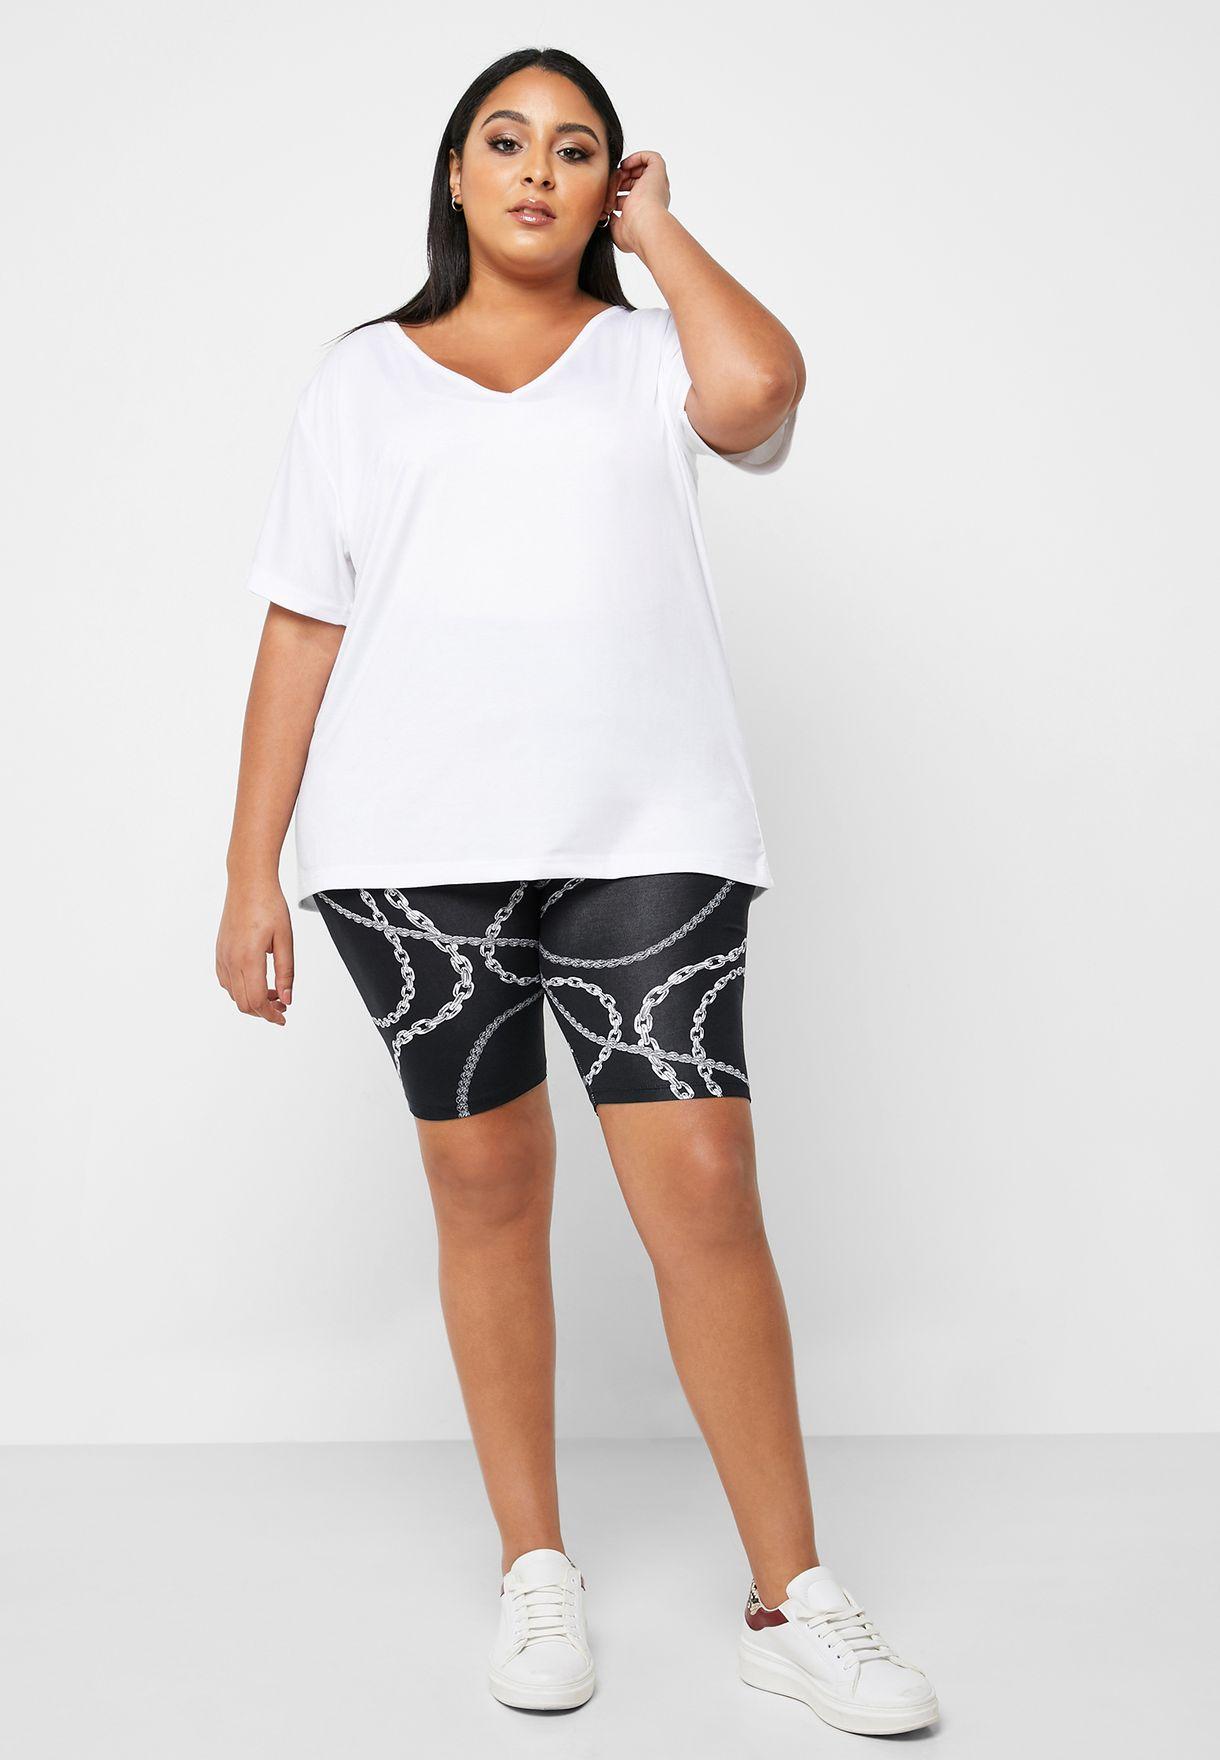 Printed Cycling Shorts